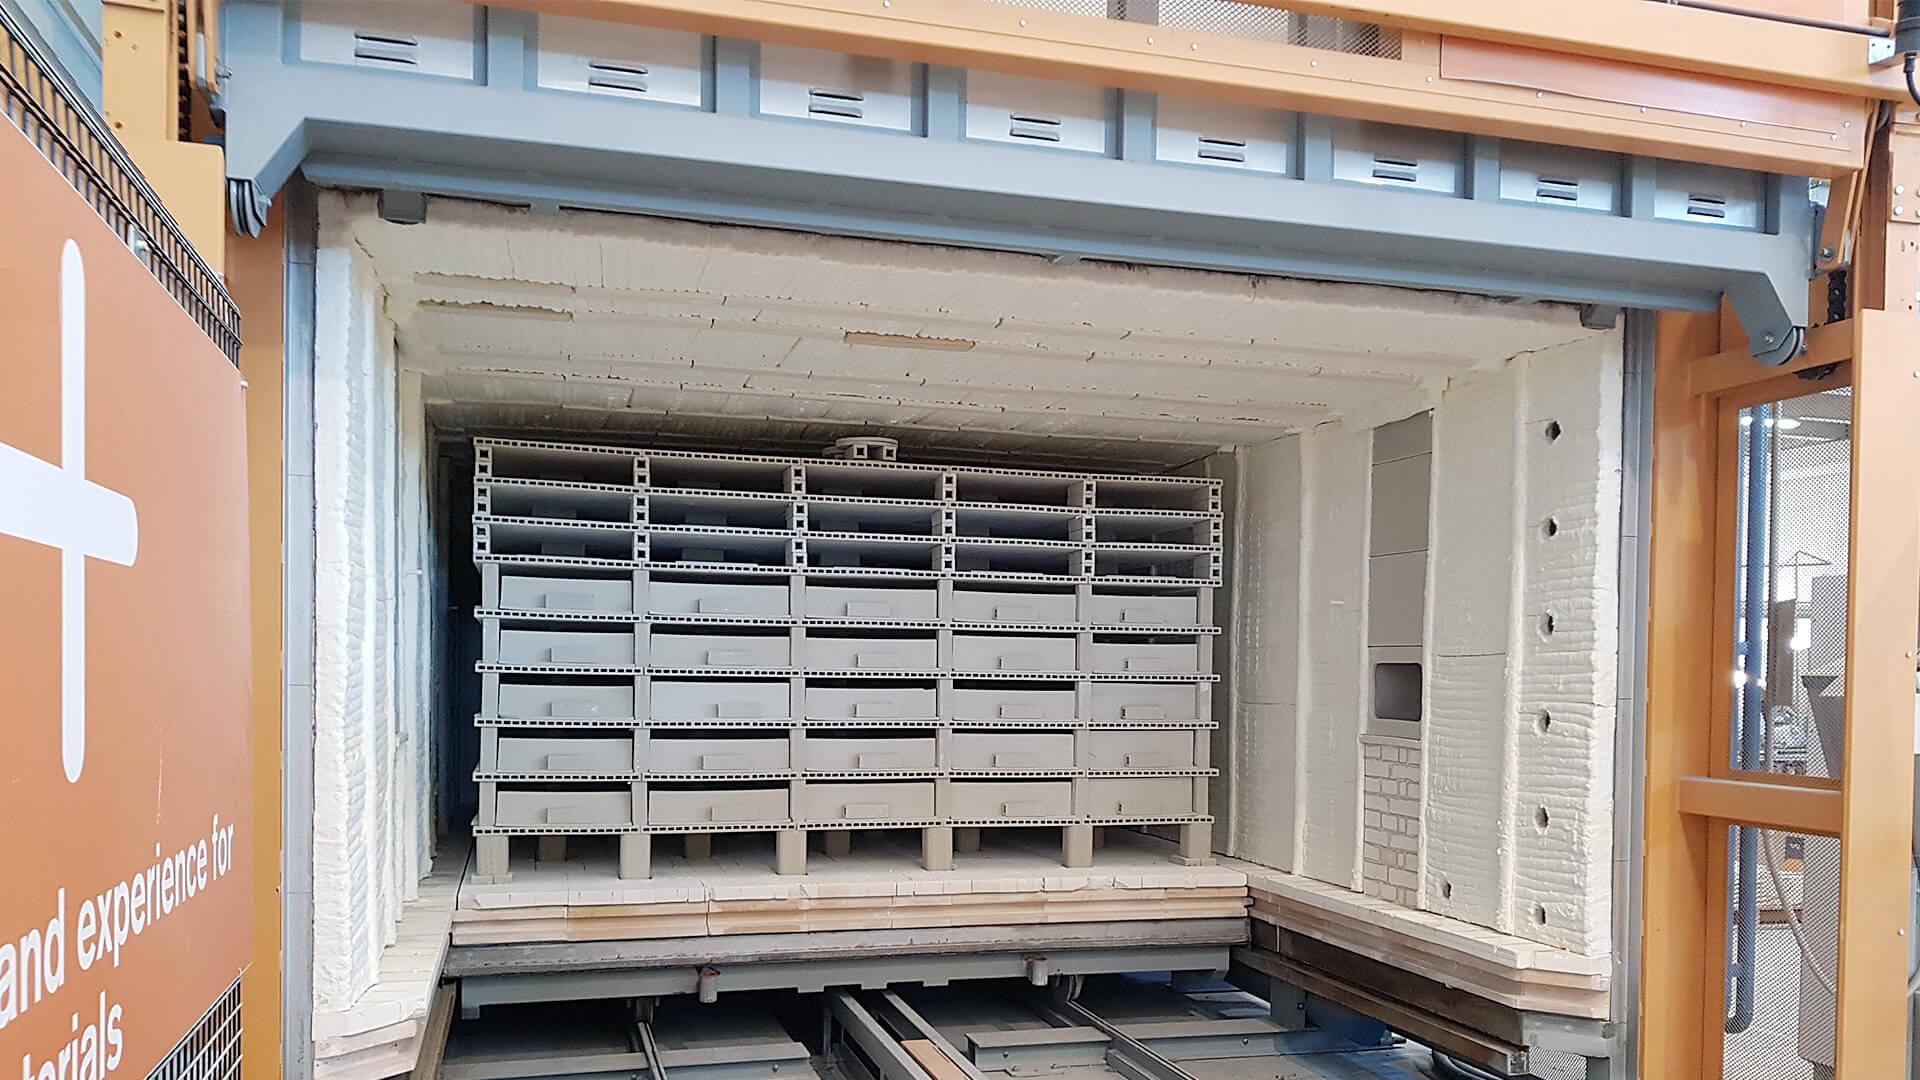 Forno industriale per Forno con porta automatica a ghigliottina   Pagnotta Termomeccanica